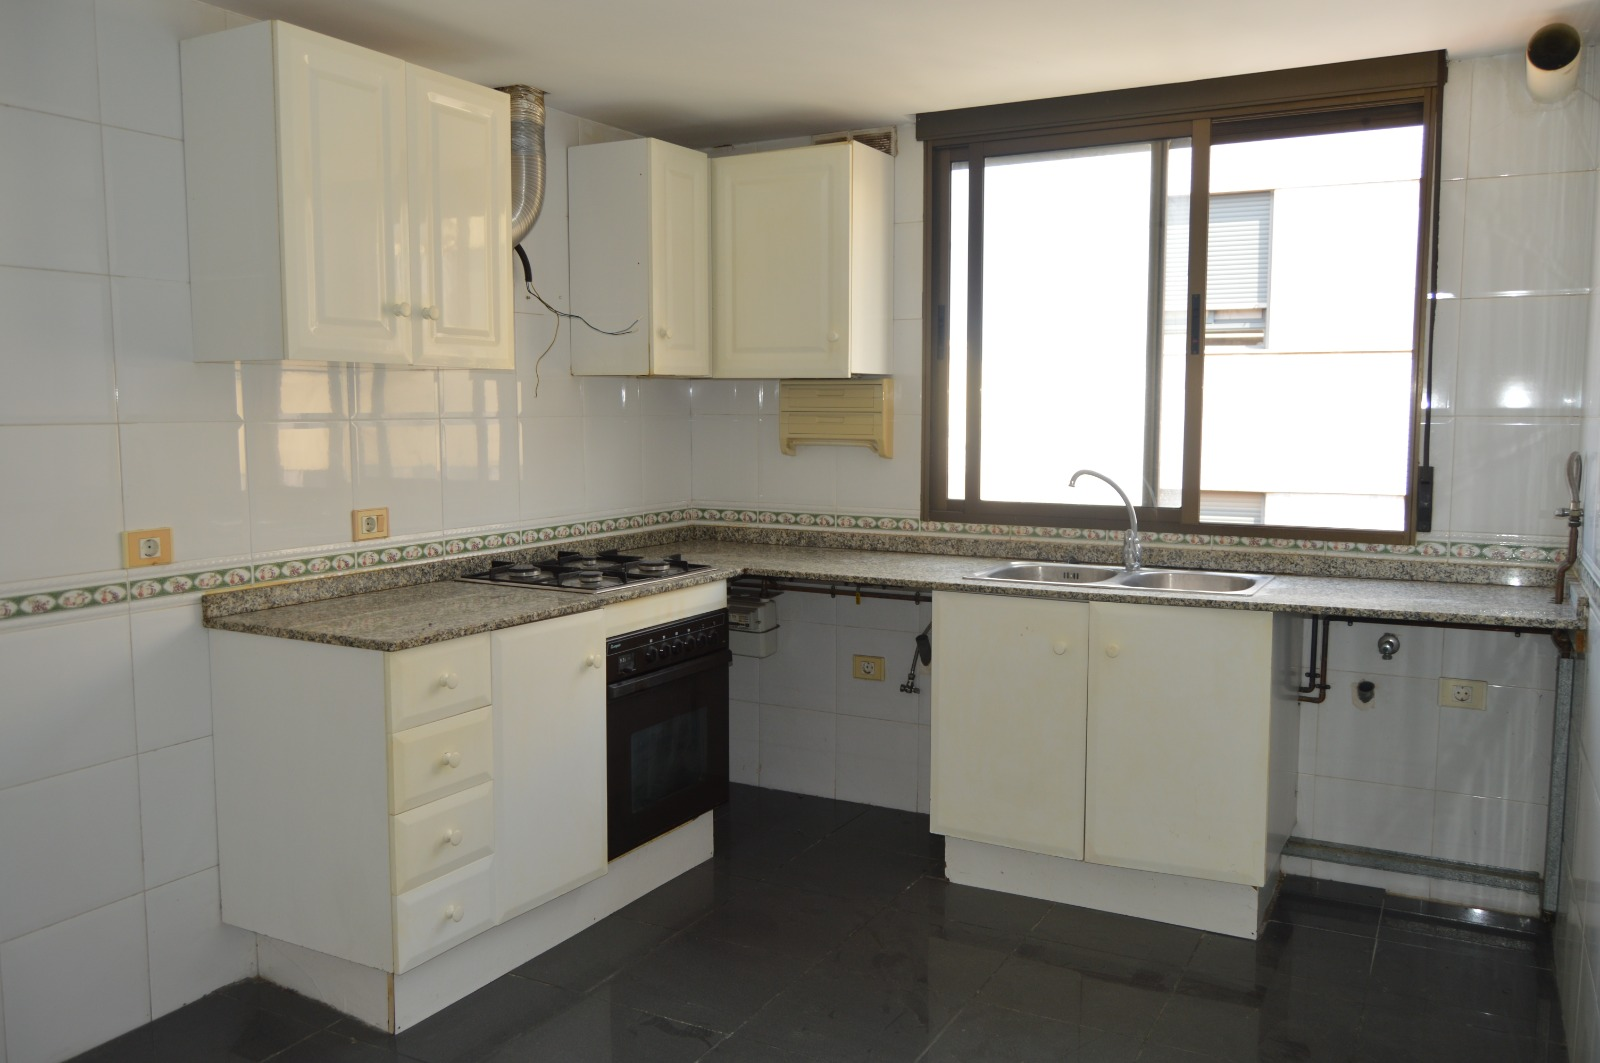 Piso en venta en Grupo Corell, Almazora/almassora, Castellón, Calle Nueve de Octubre, 72.000 €, 3 habitaciones, 2 baños, 105 m2